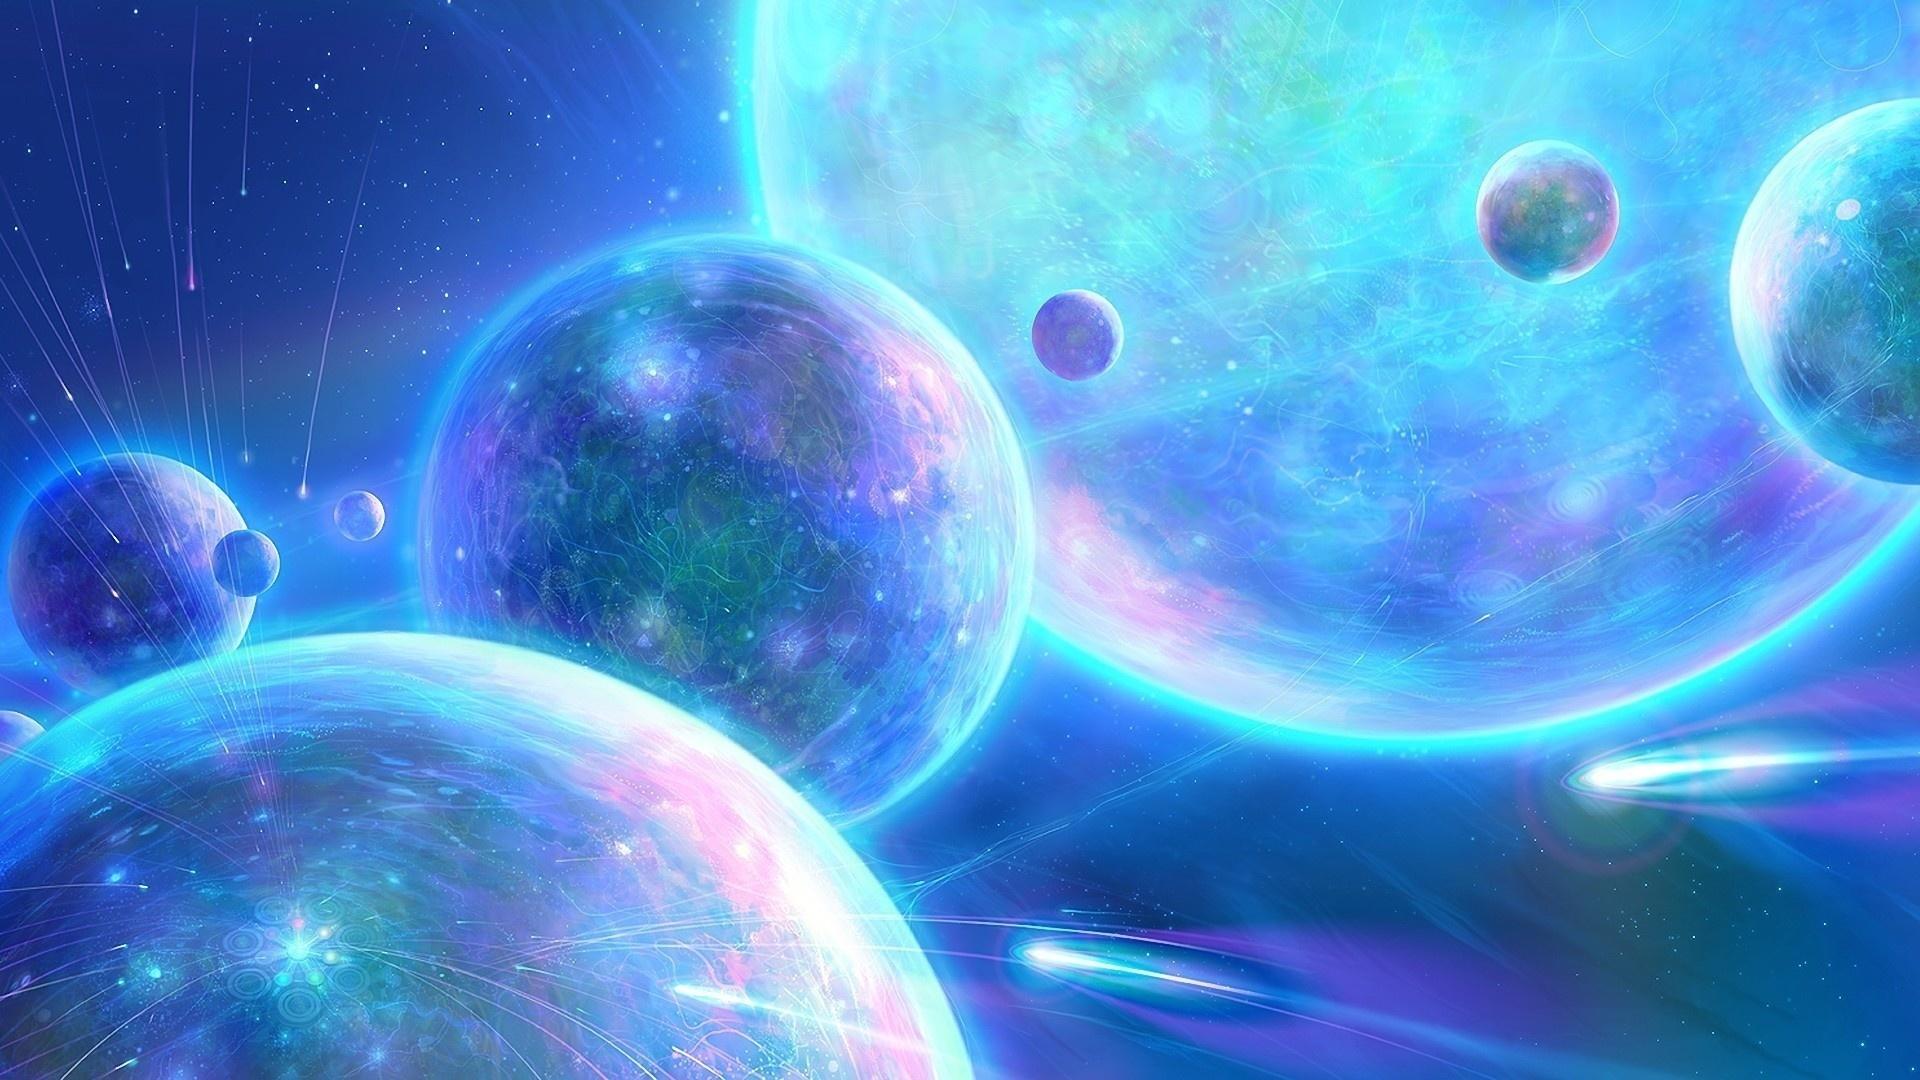 неправильного картинки разноцветных планет сквере продолжаются